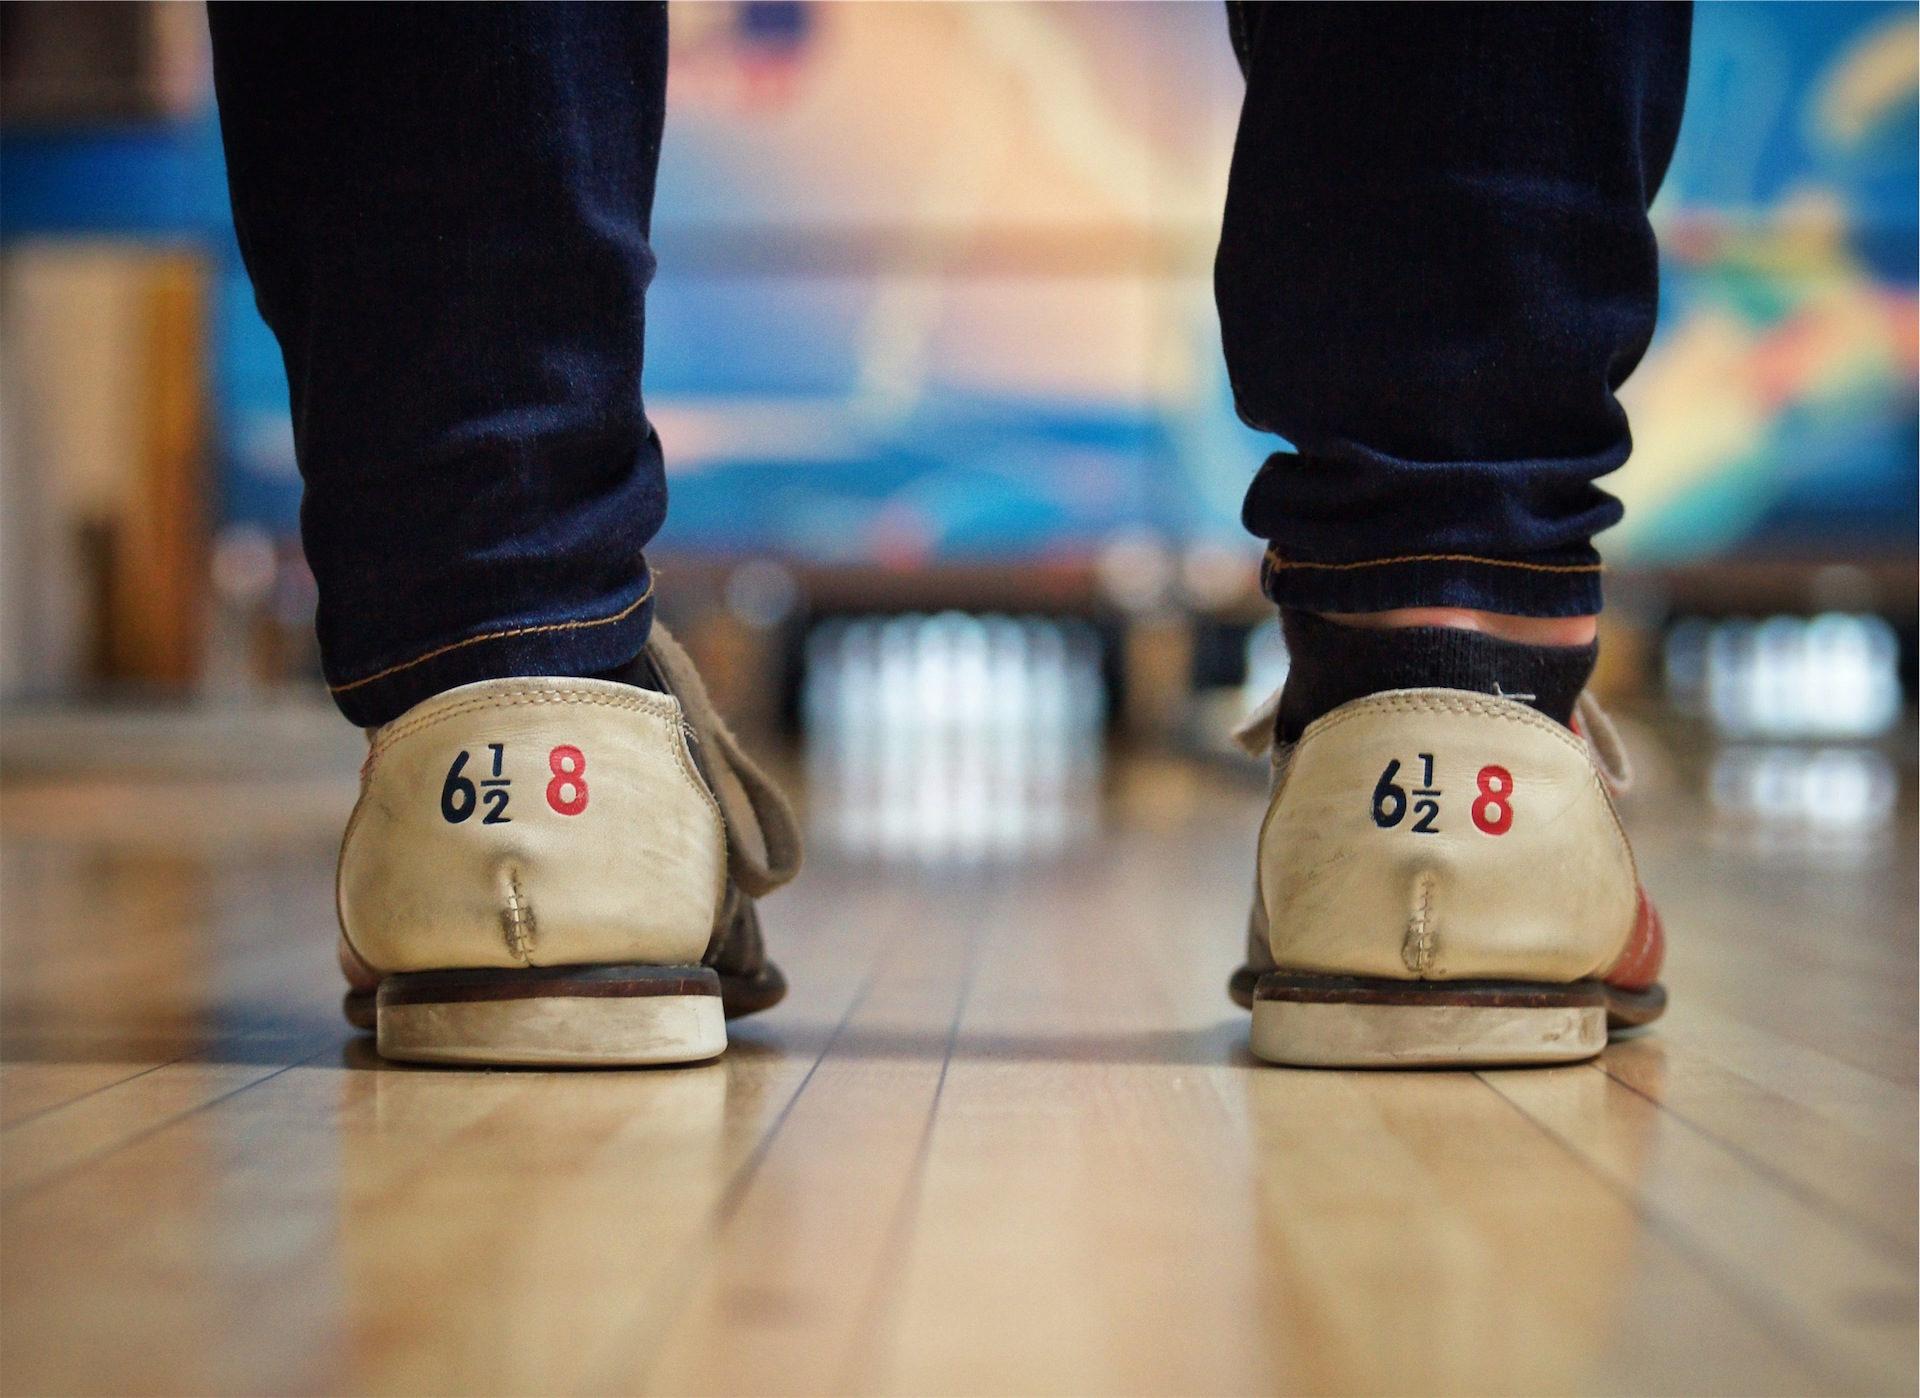 παπούτσια, μπόουλινγκ, Μπόουλινγκ, παιχνίδι, πόδια - Wallpapers HD - Professor-falken.com